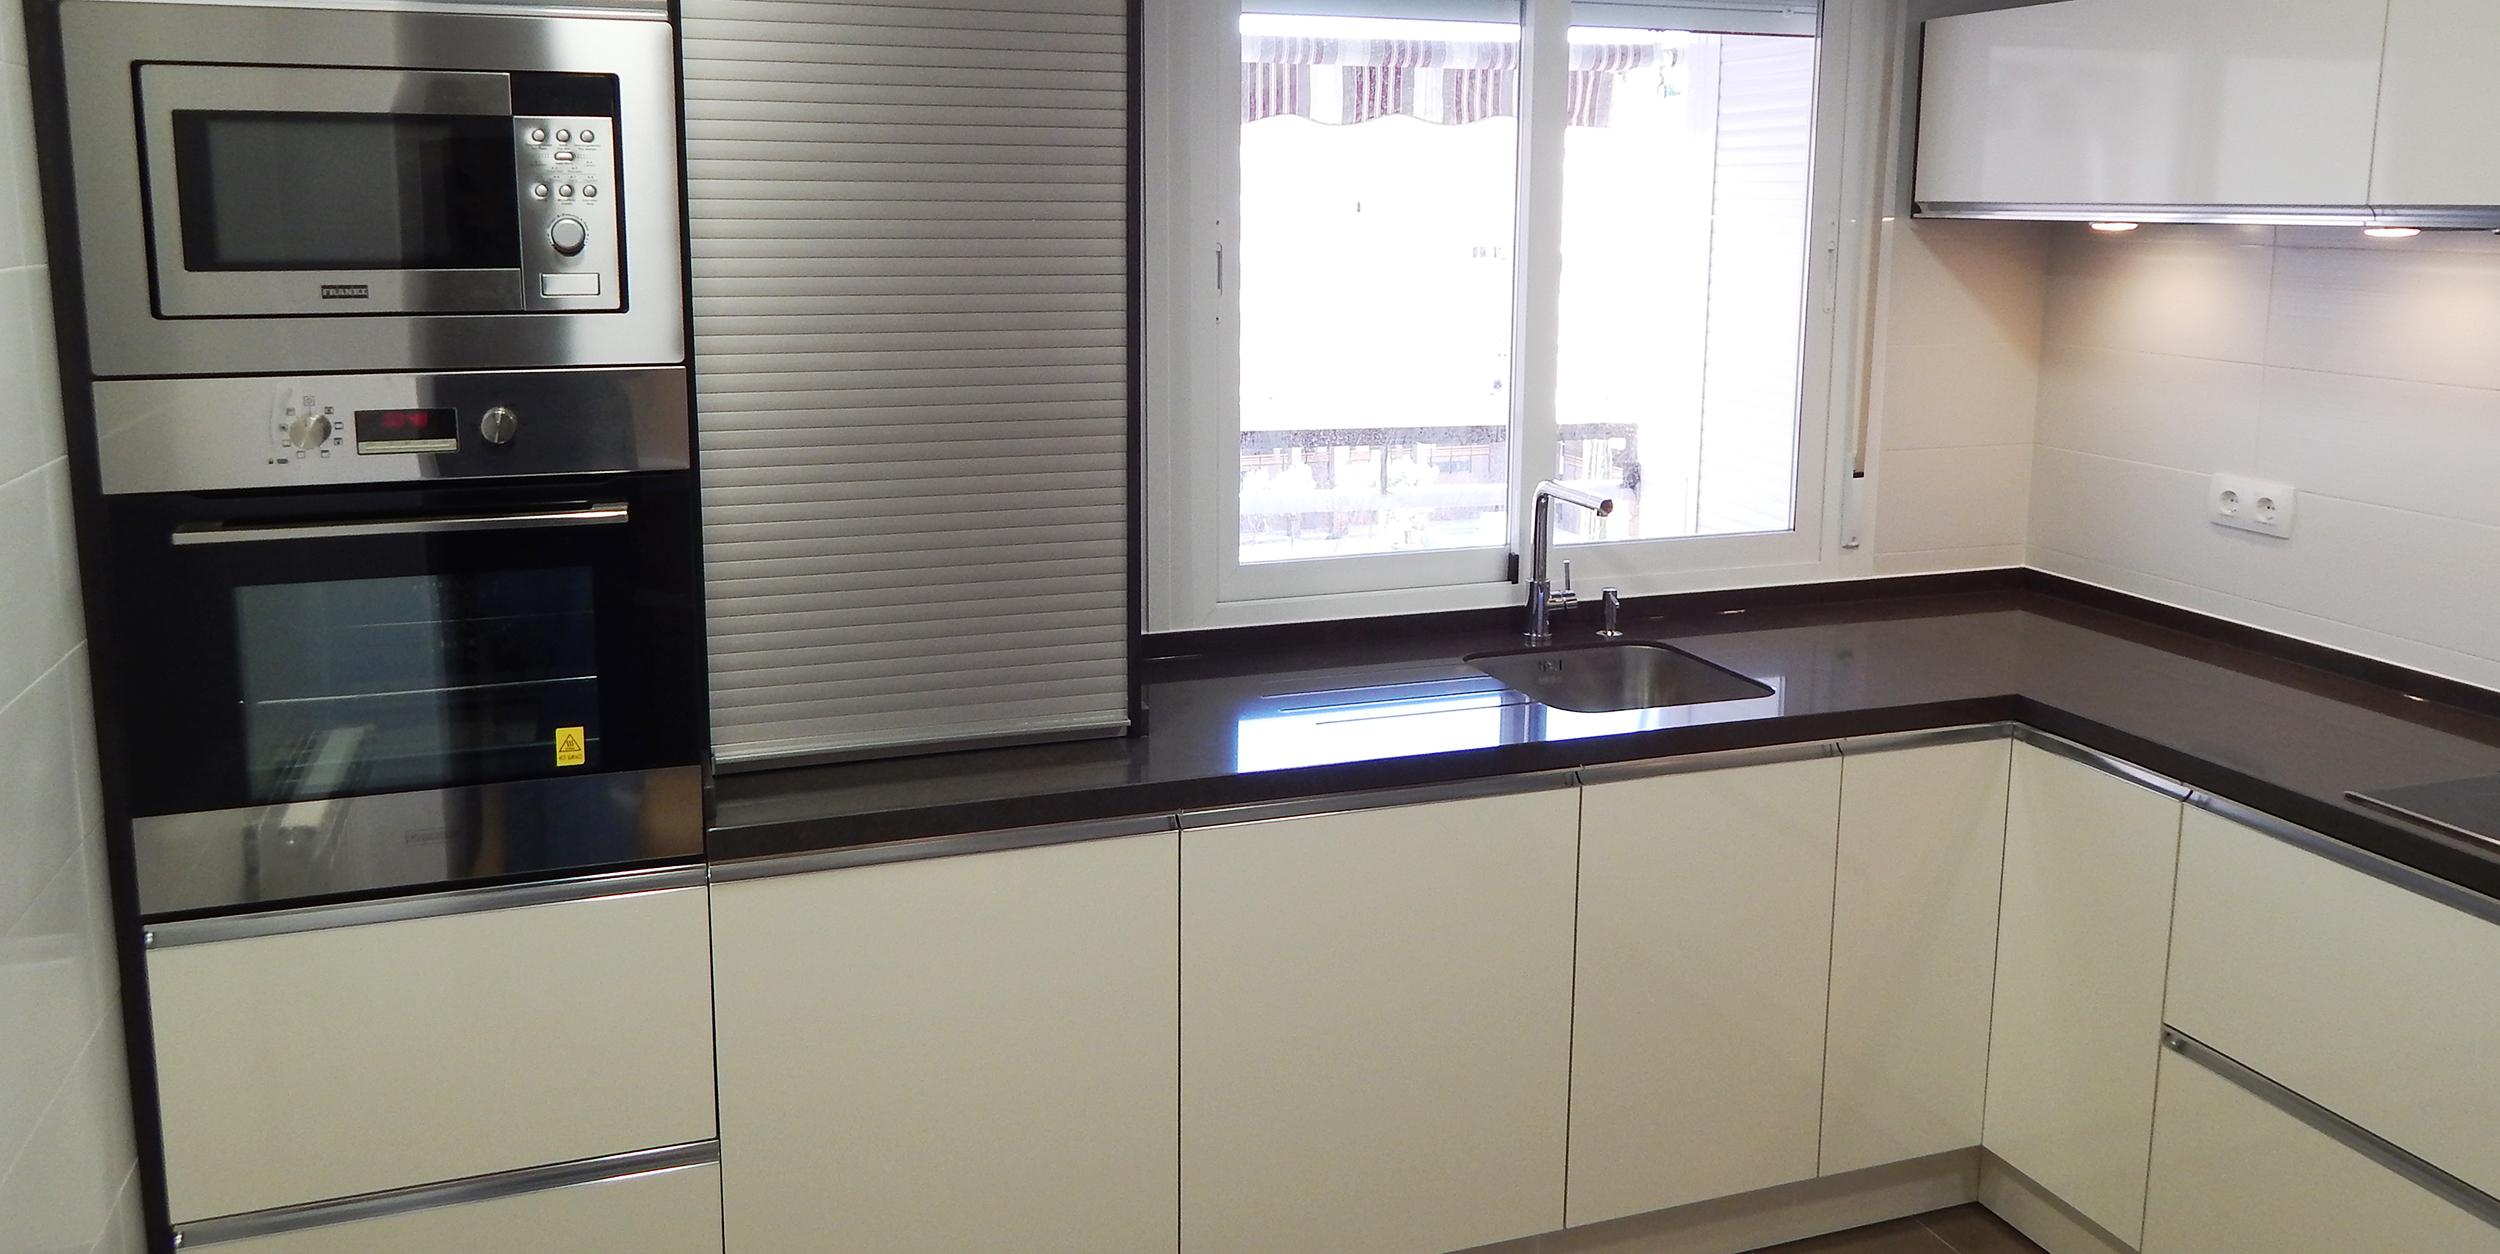 Muebles de cocina neo magnolia for Muebles de cocina xoane